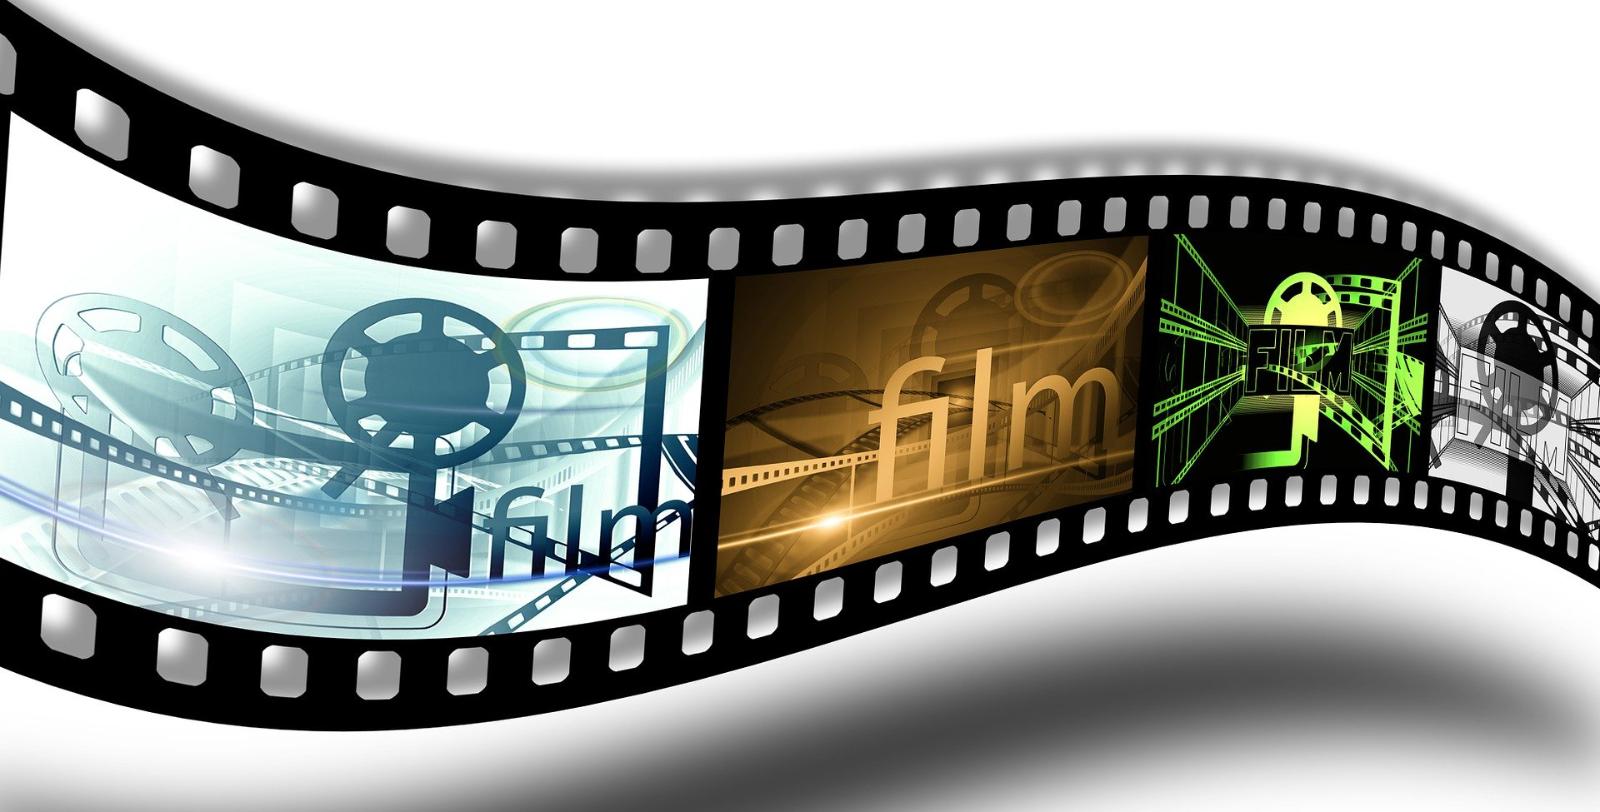 Clemens Kuby zum Kinofilm – Das perfekte Geheimnis